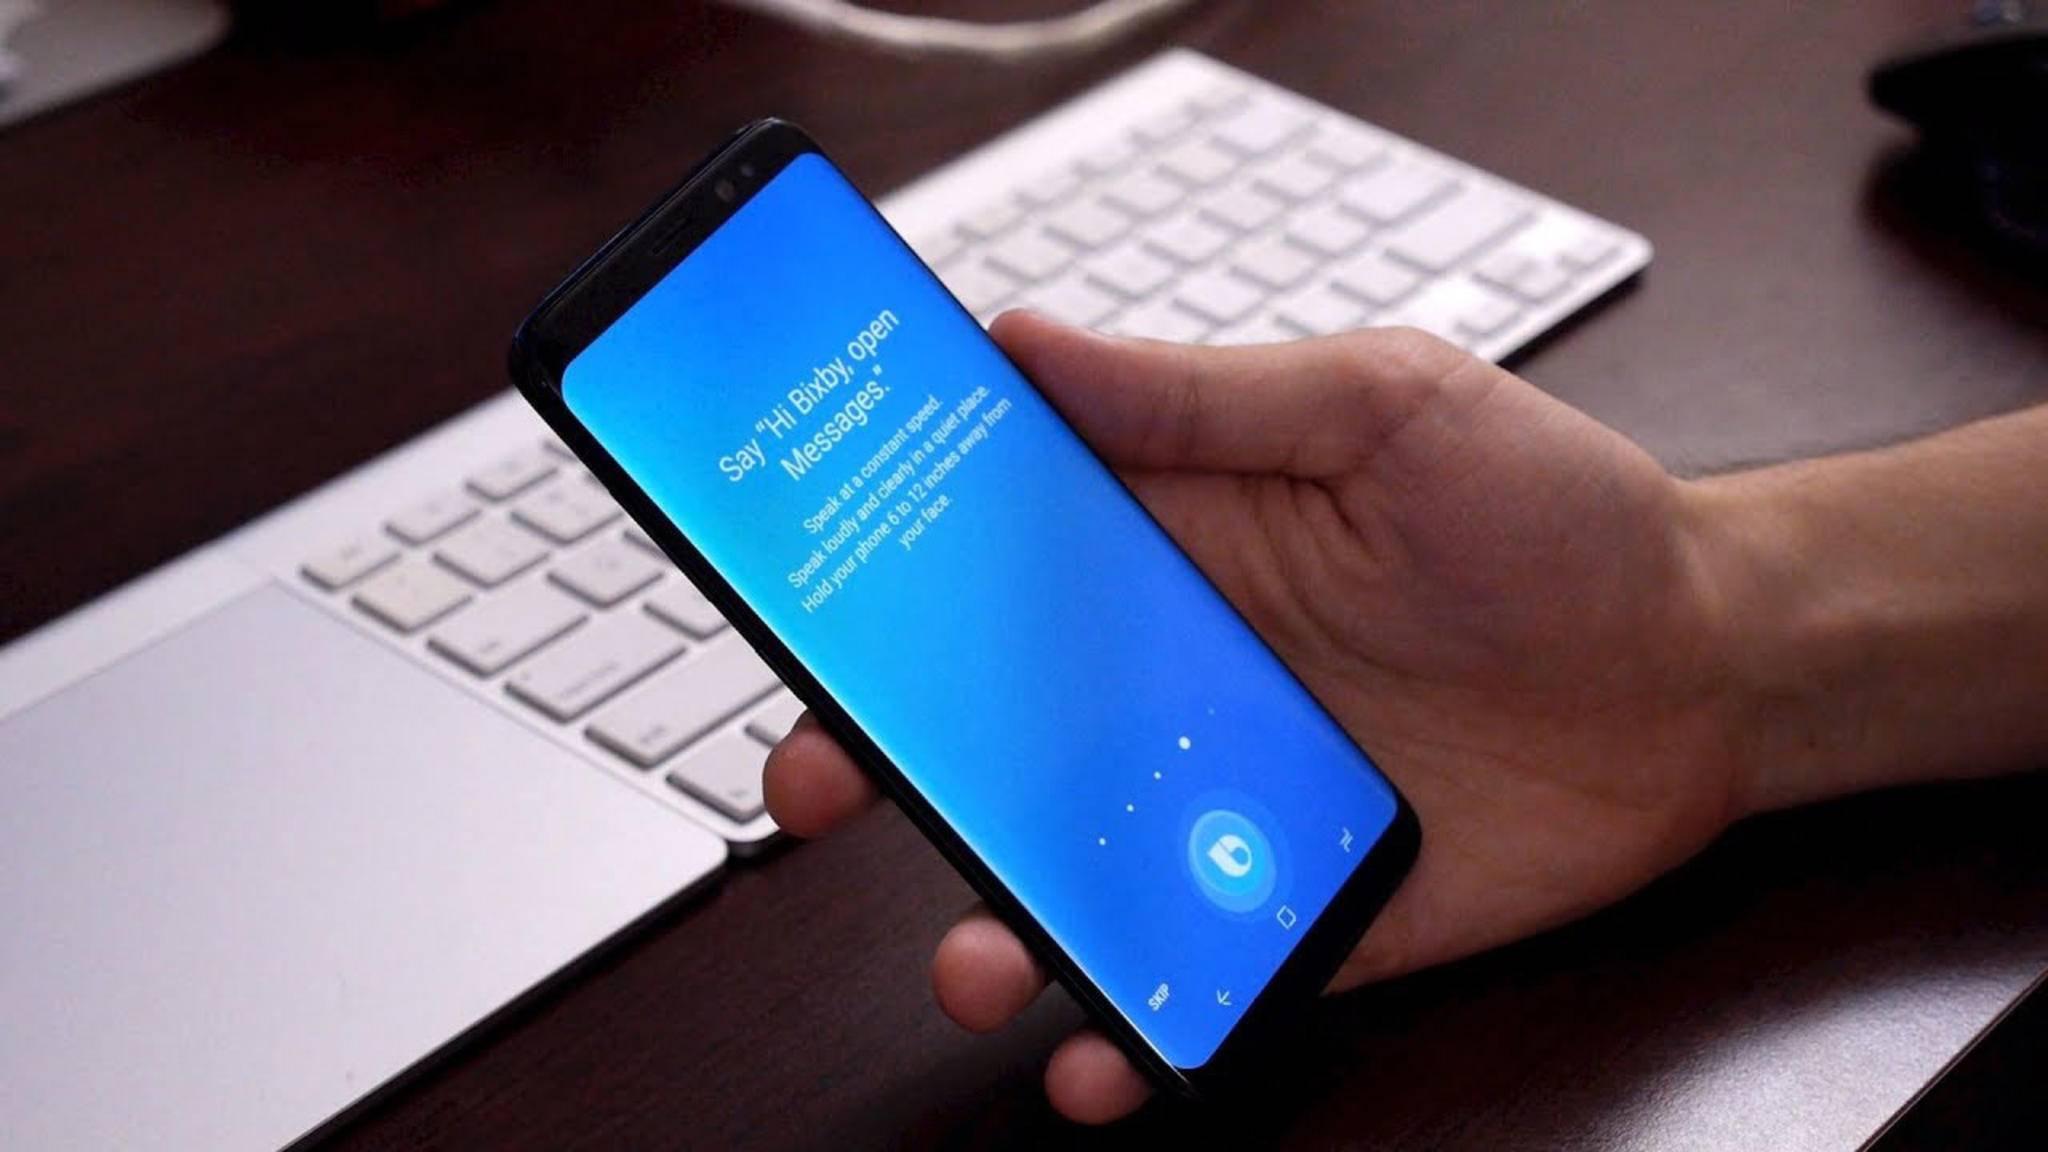 Bixby spricht nun endlich Deutsch – vorerst aber nur auf dem Galaxy Note 9 in der Android Pie Beta.